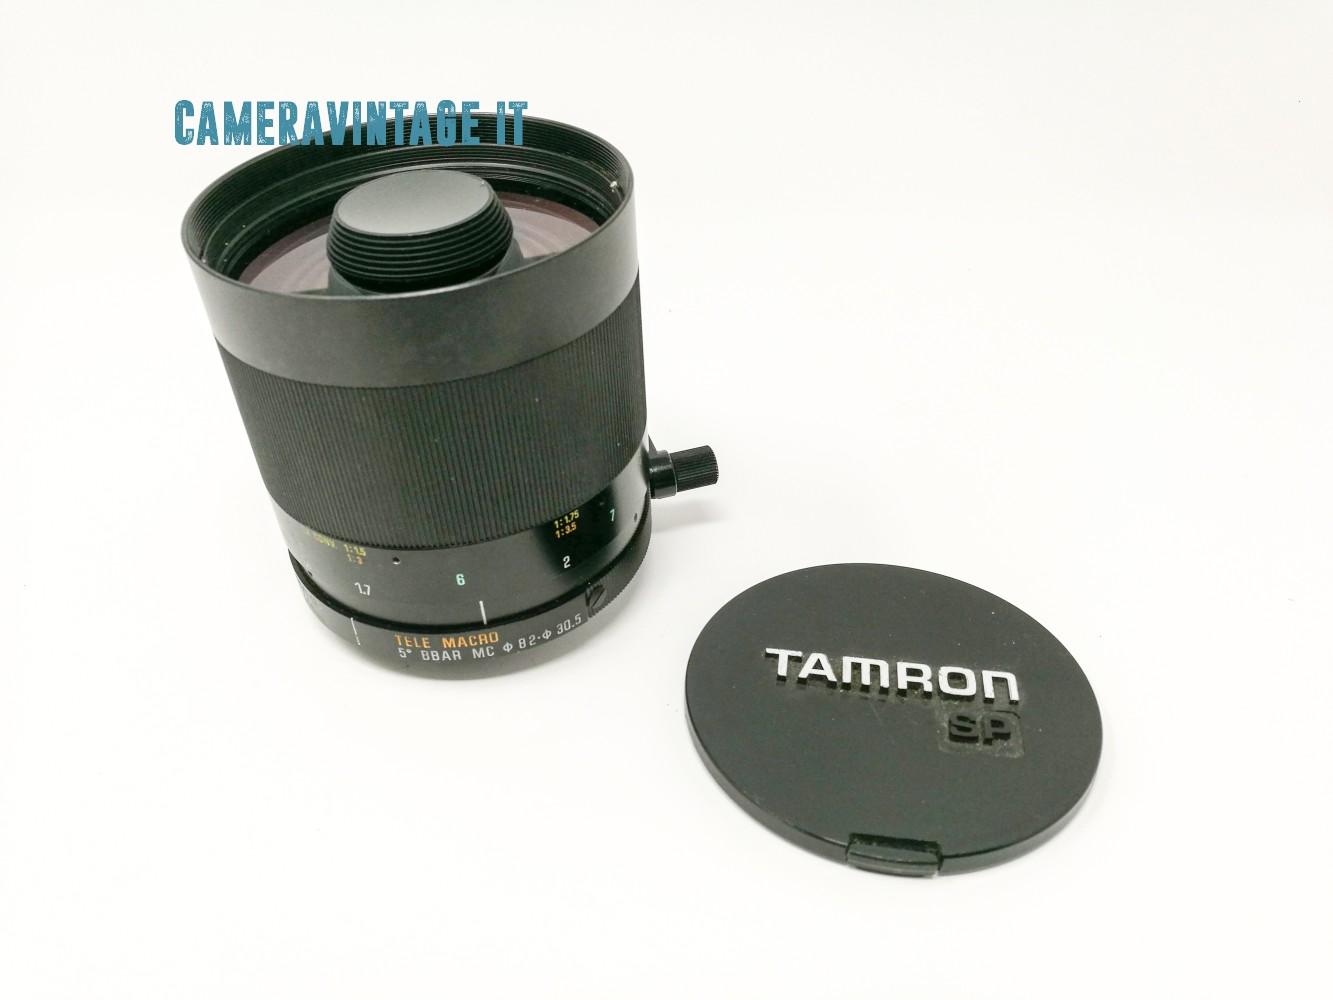 TAMRONTAMRON SP TELE MACRO 500/8 TELE MACRO CATAD